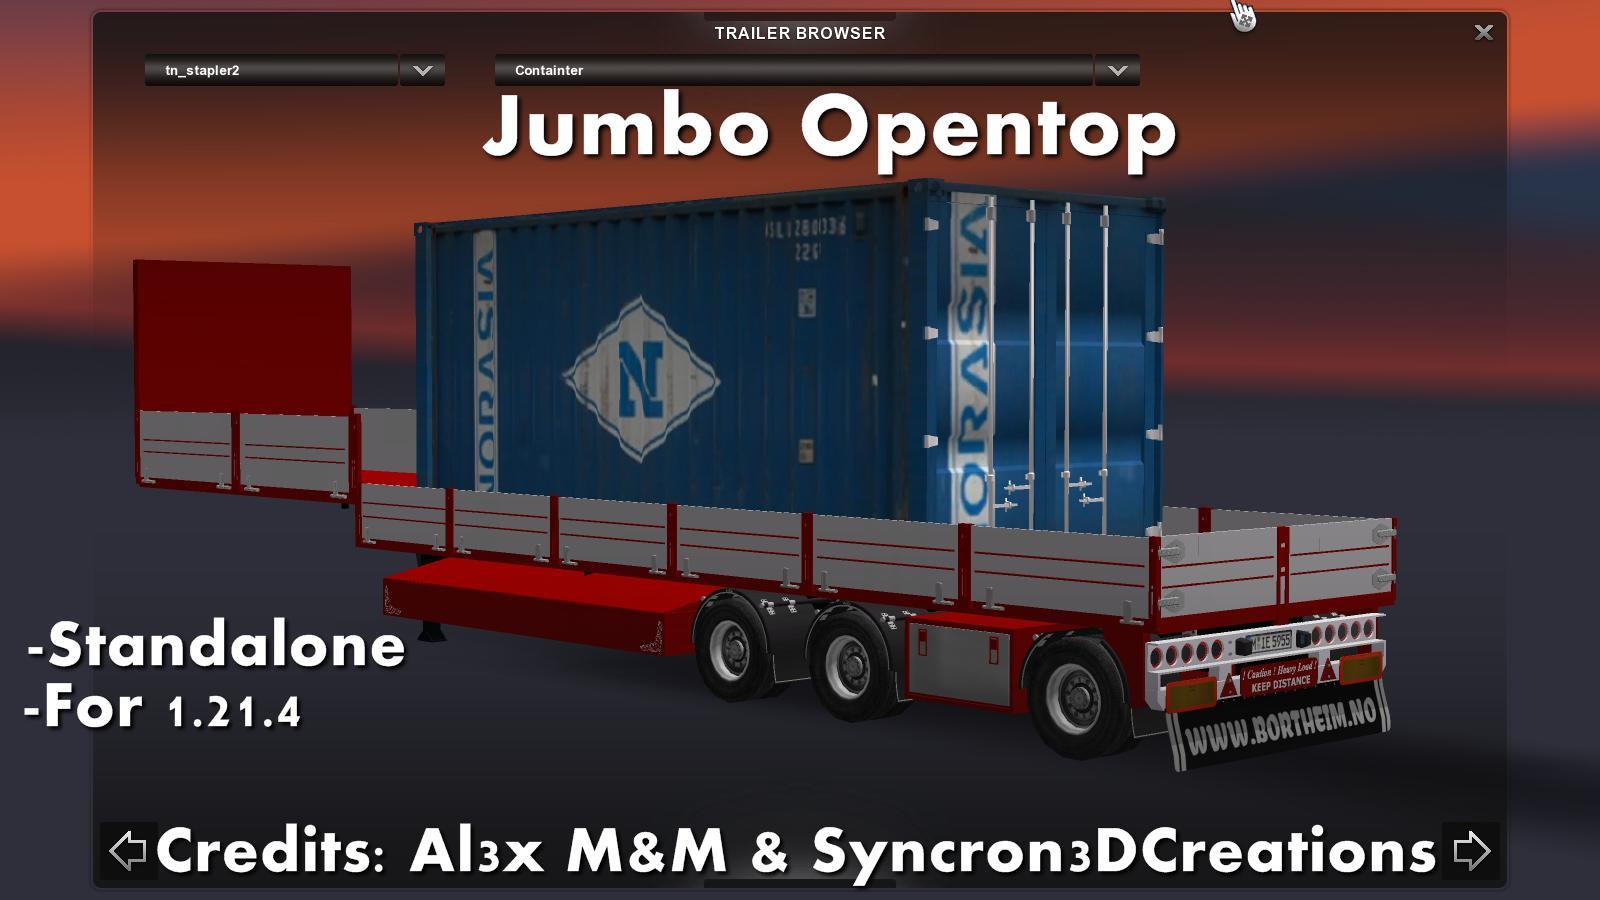 jumbo-opentop-trailer_1